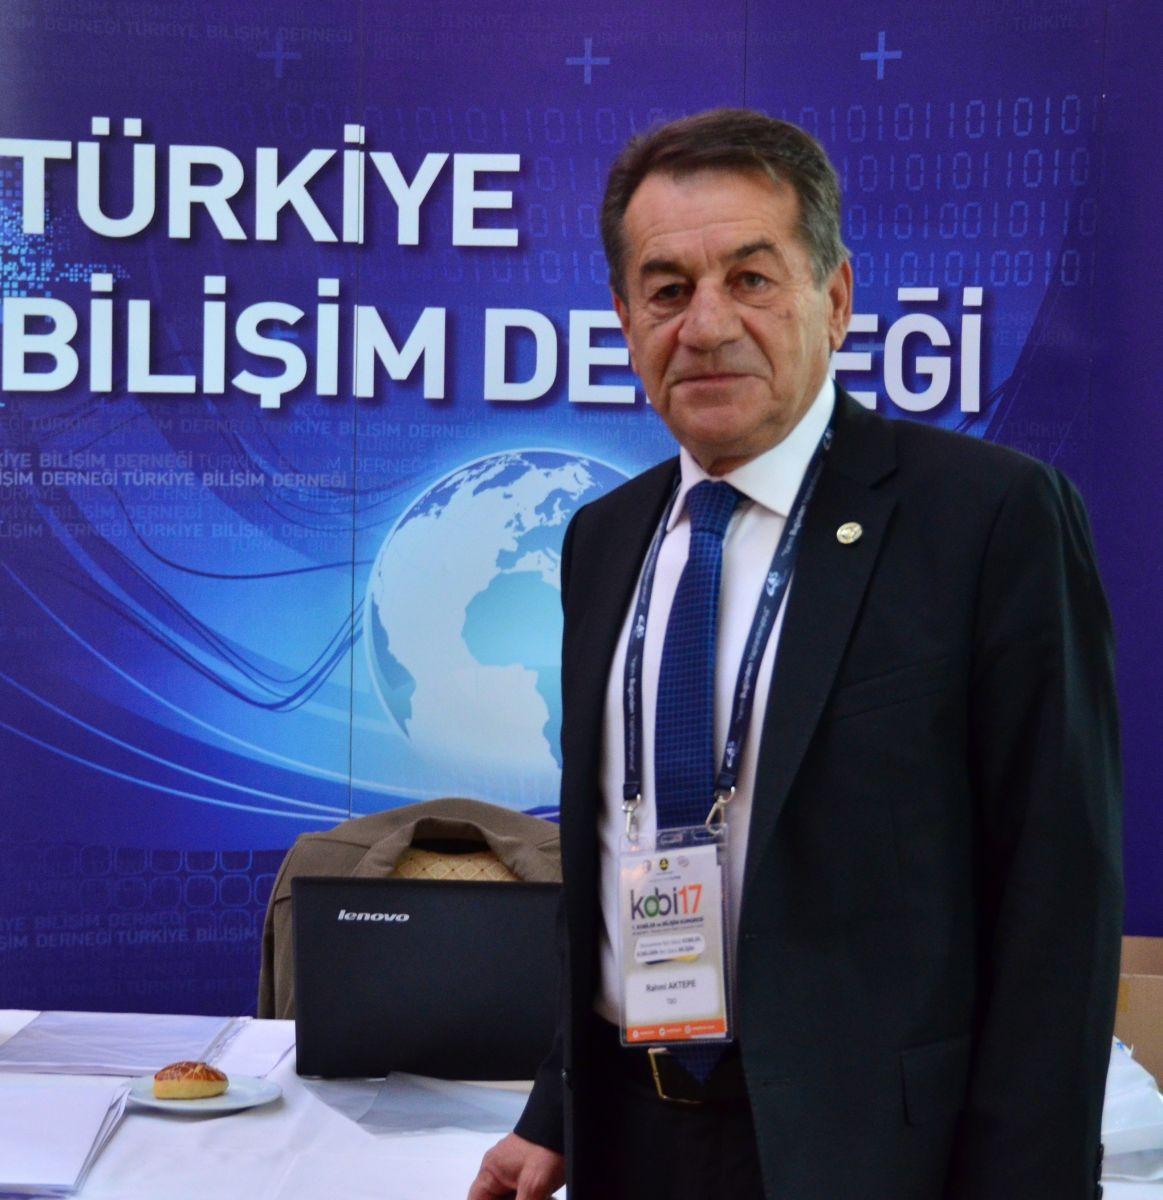 35'inci Bilişim Kurultayı Başlıyor - TBD Genel Başkanı Rahmi Aktepe